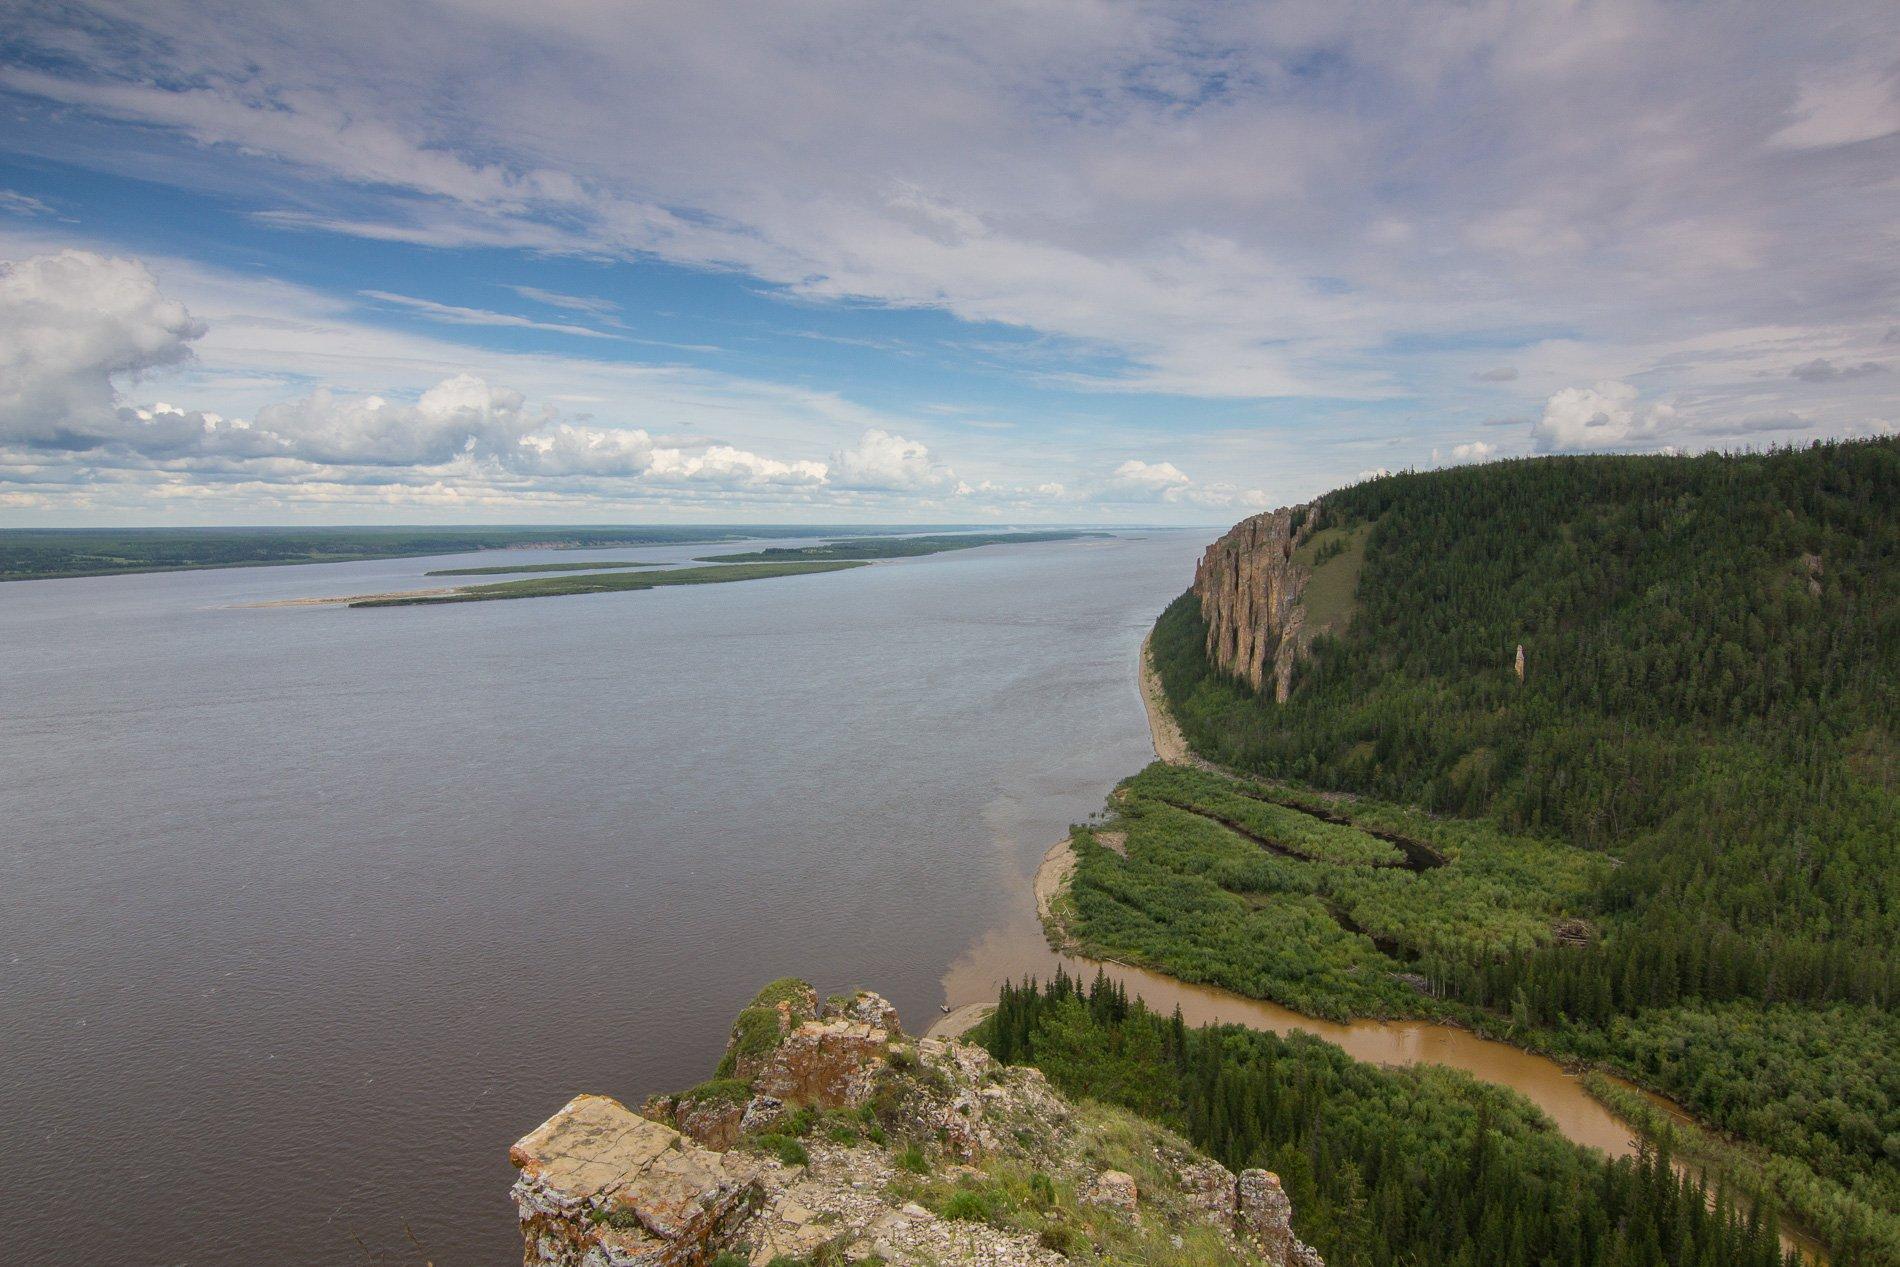 Lena pillars, Yakutia, Ленские столбы, якутия, Alex